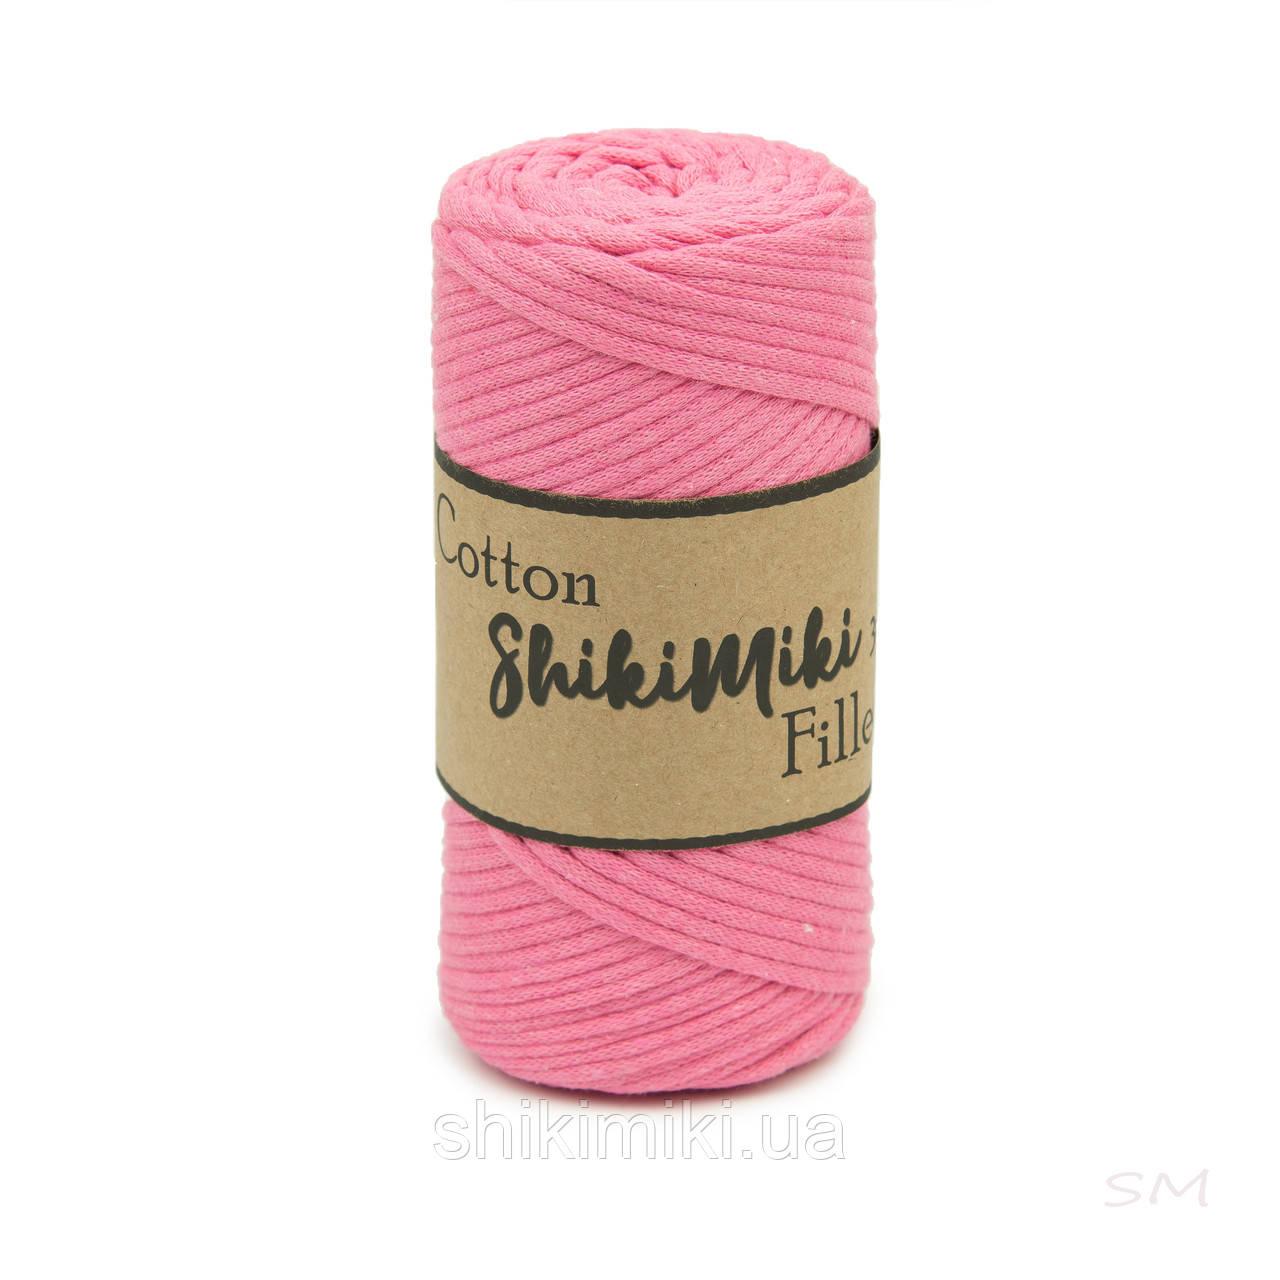 Трикотажный хлопковый шнур Cotton Filled 3 мм, цвет Розовый фламинго